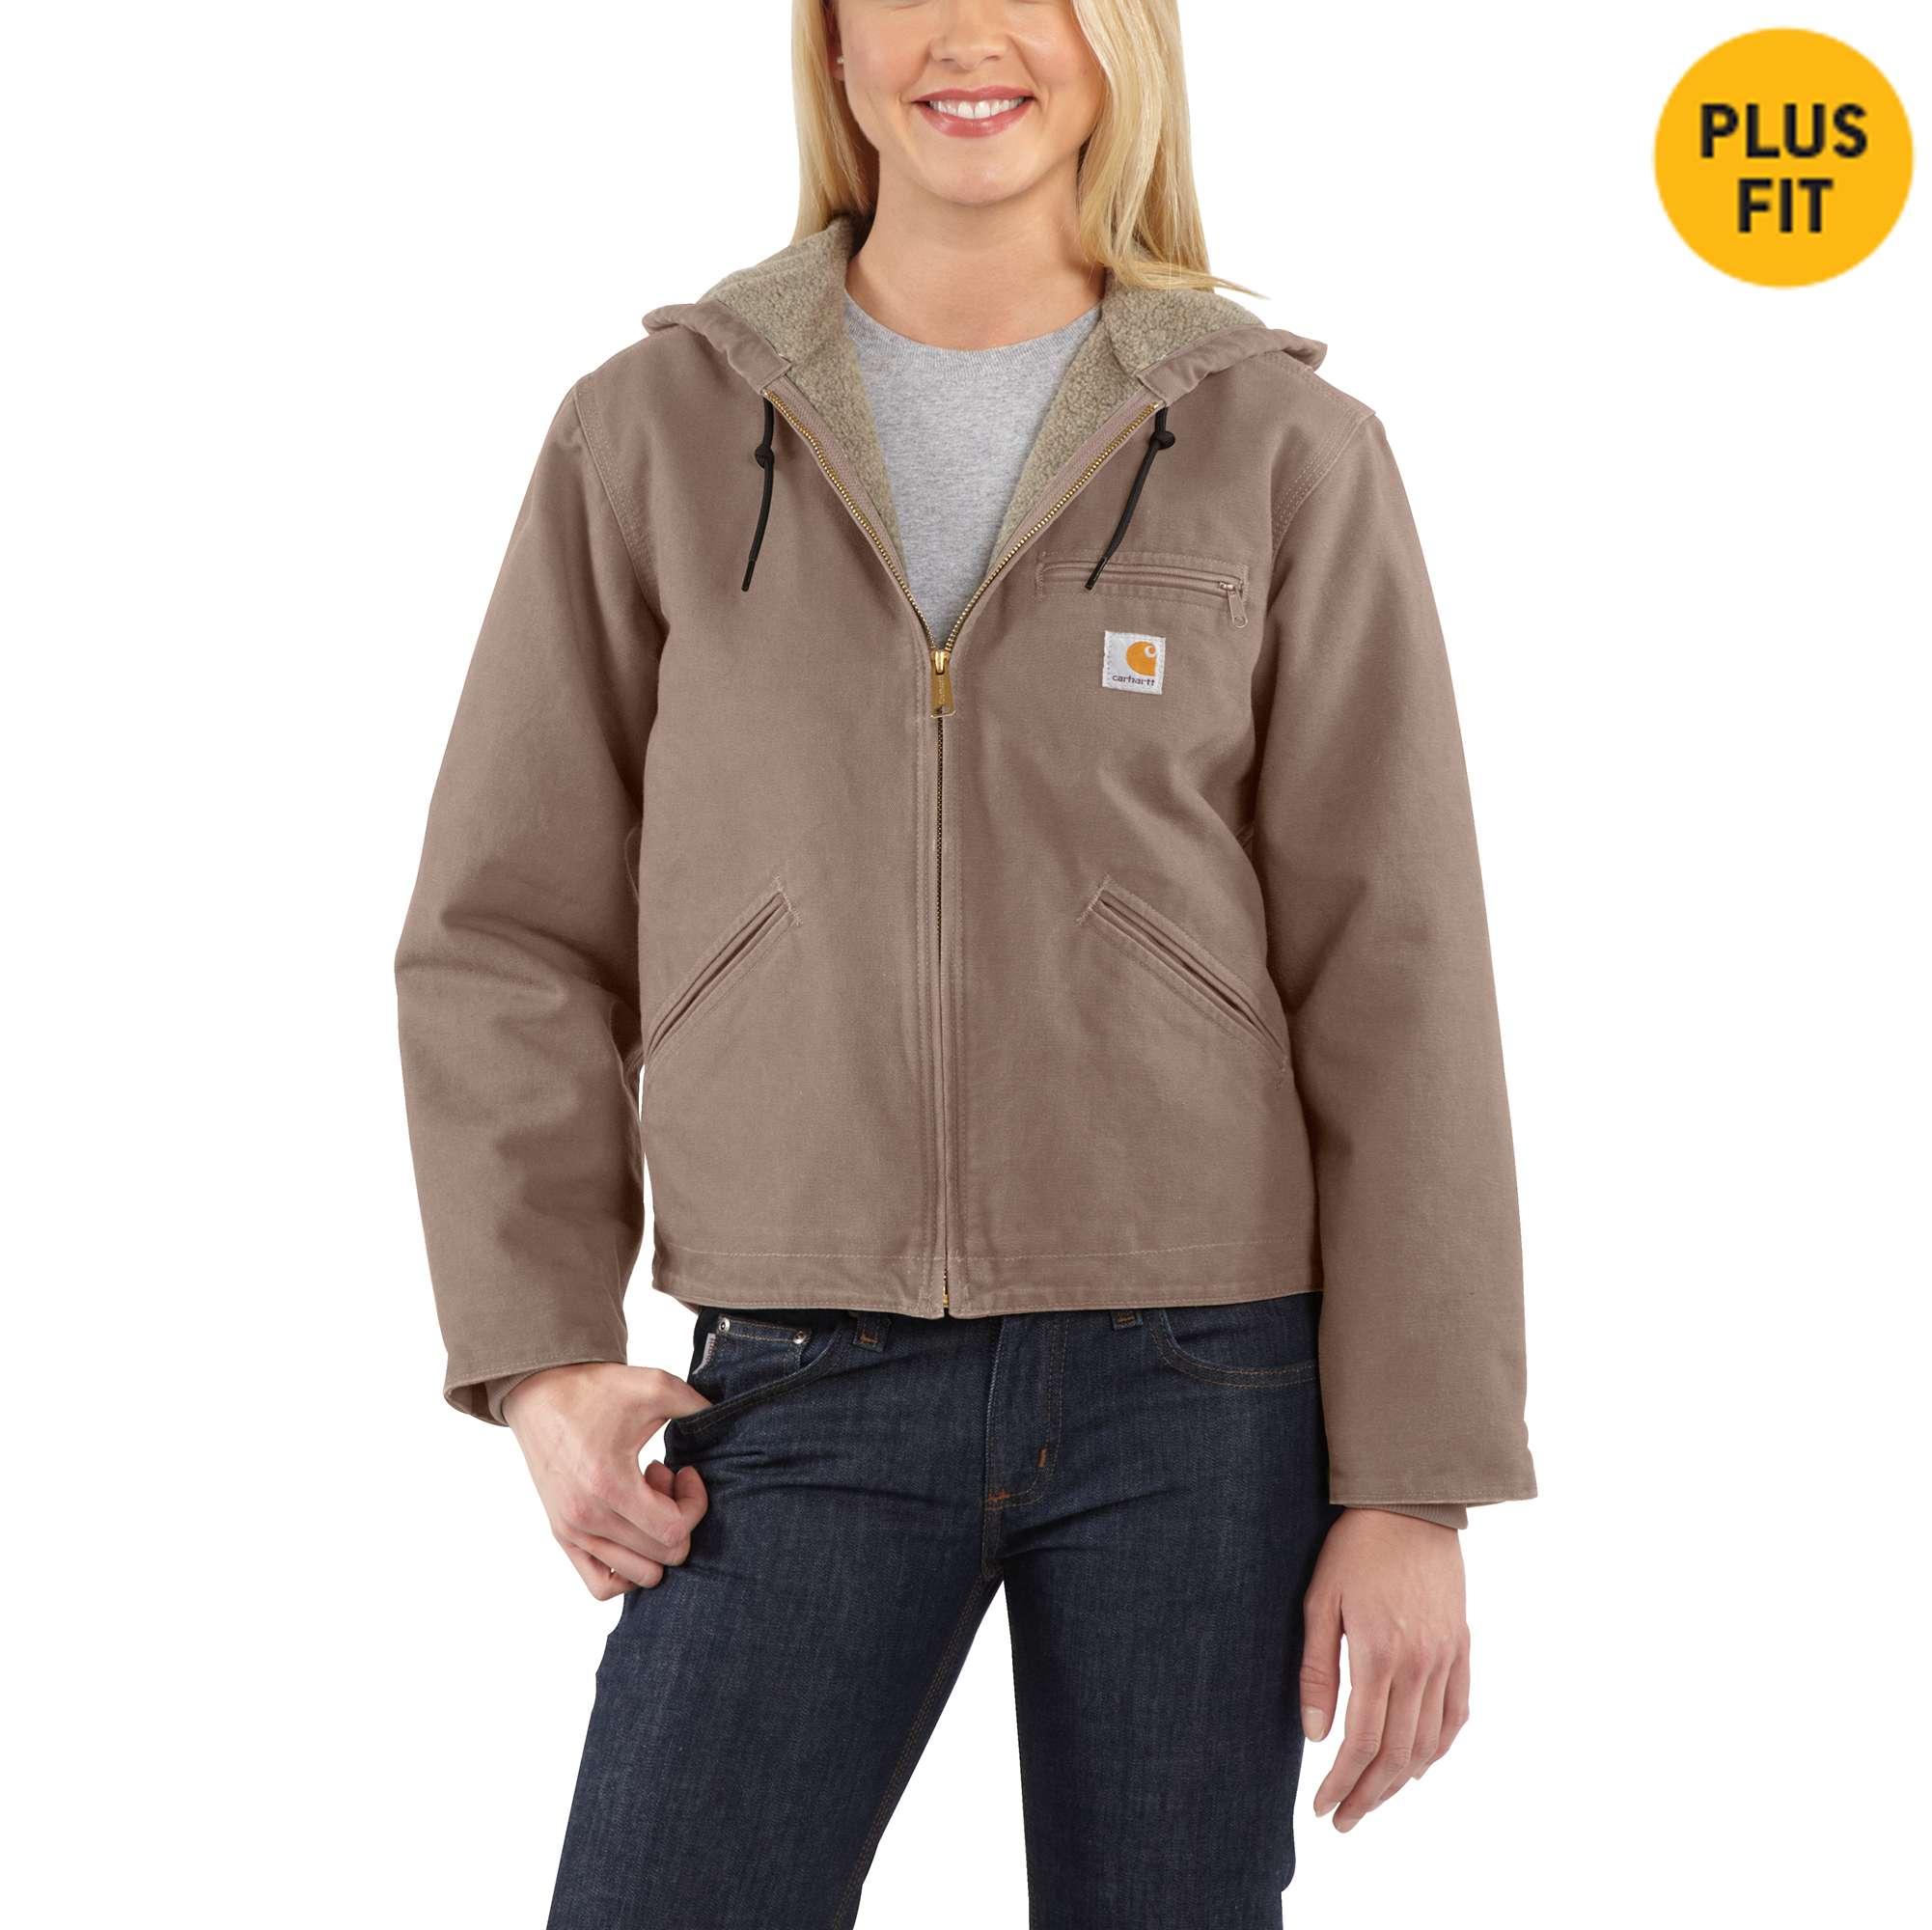 Carhartt Women's Sandstone Sherpa-lined Sierra Jacket Size: XL